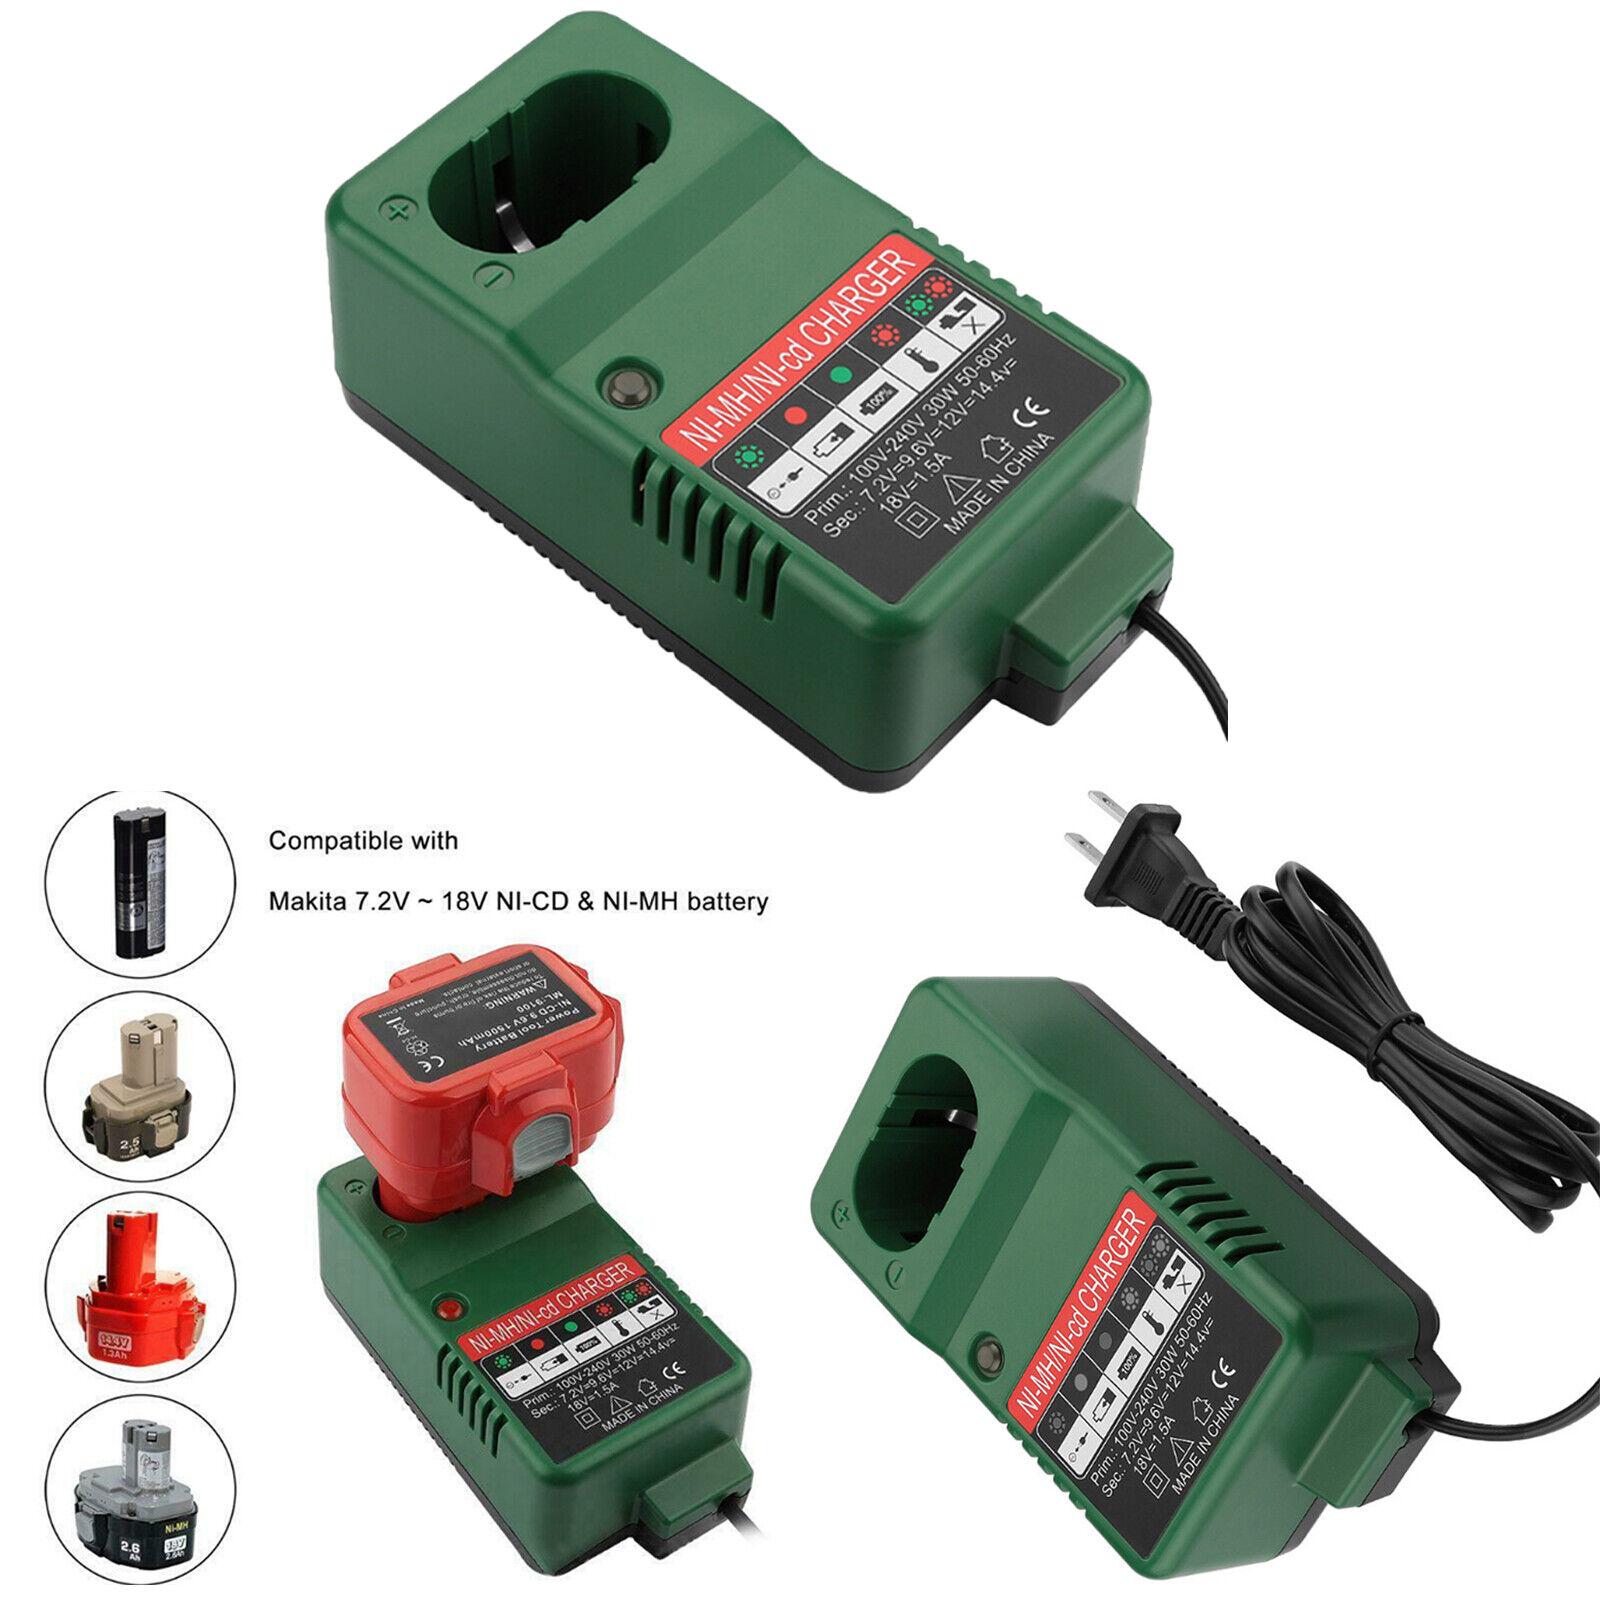 Para Makita/Hitachi ni-CD baterías ni-mh 7.2V-18V cargadores de batería carga rápida